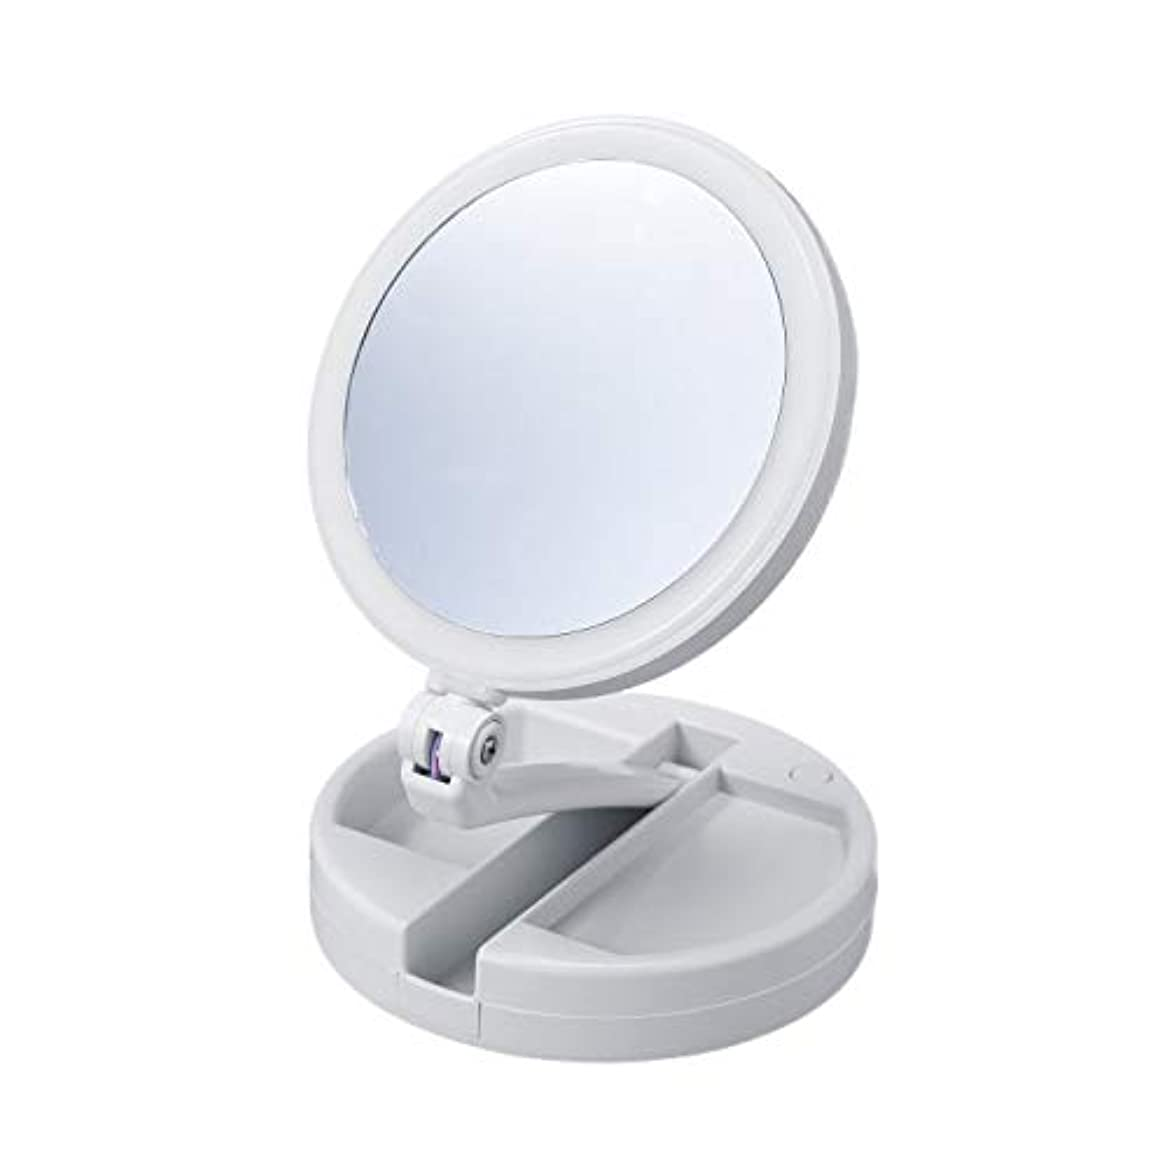 微生物ビル無したためる10倍拡大鏡付きの2面ミラー(ライト付) 卓上 スタンドミラー 化粧鏡 メイク 小物入れ